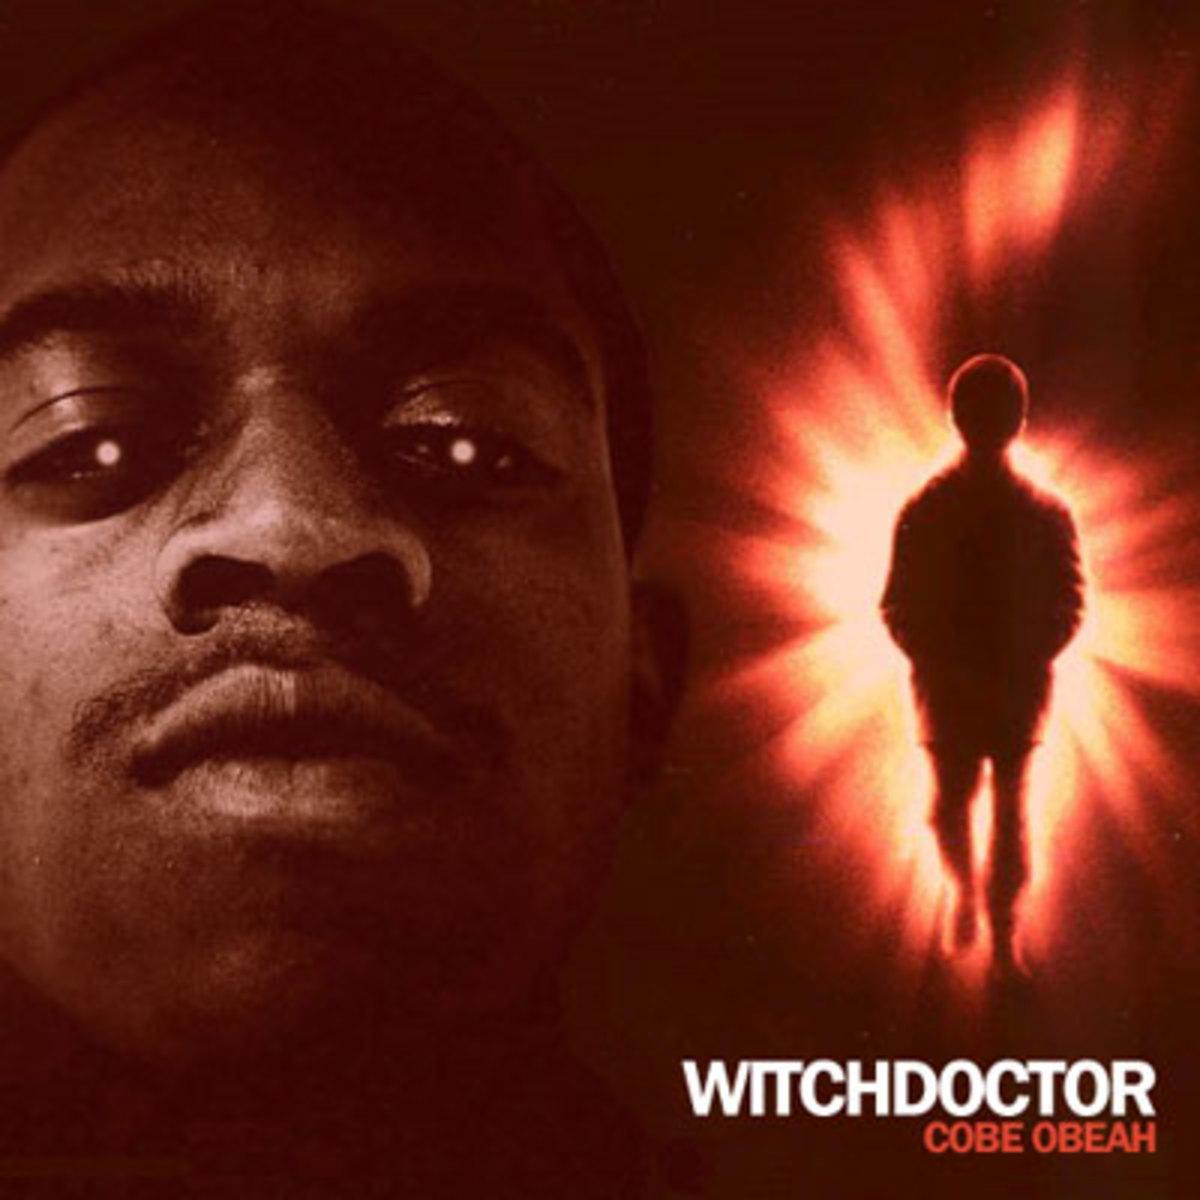 cobeobeah-witchdoctor.jpg